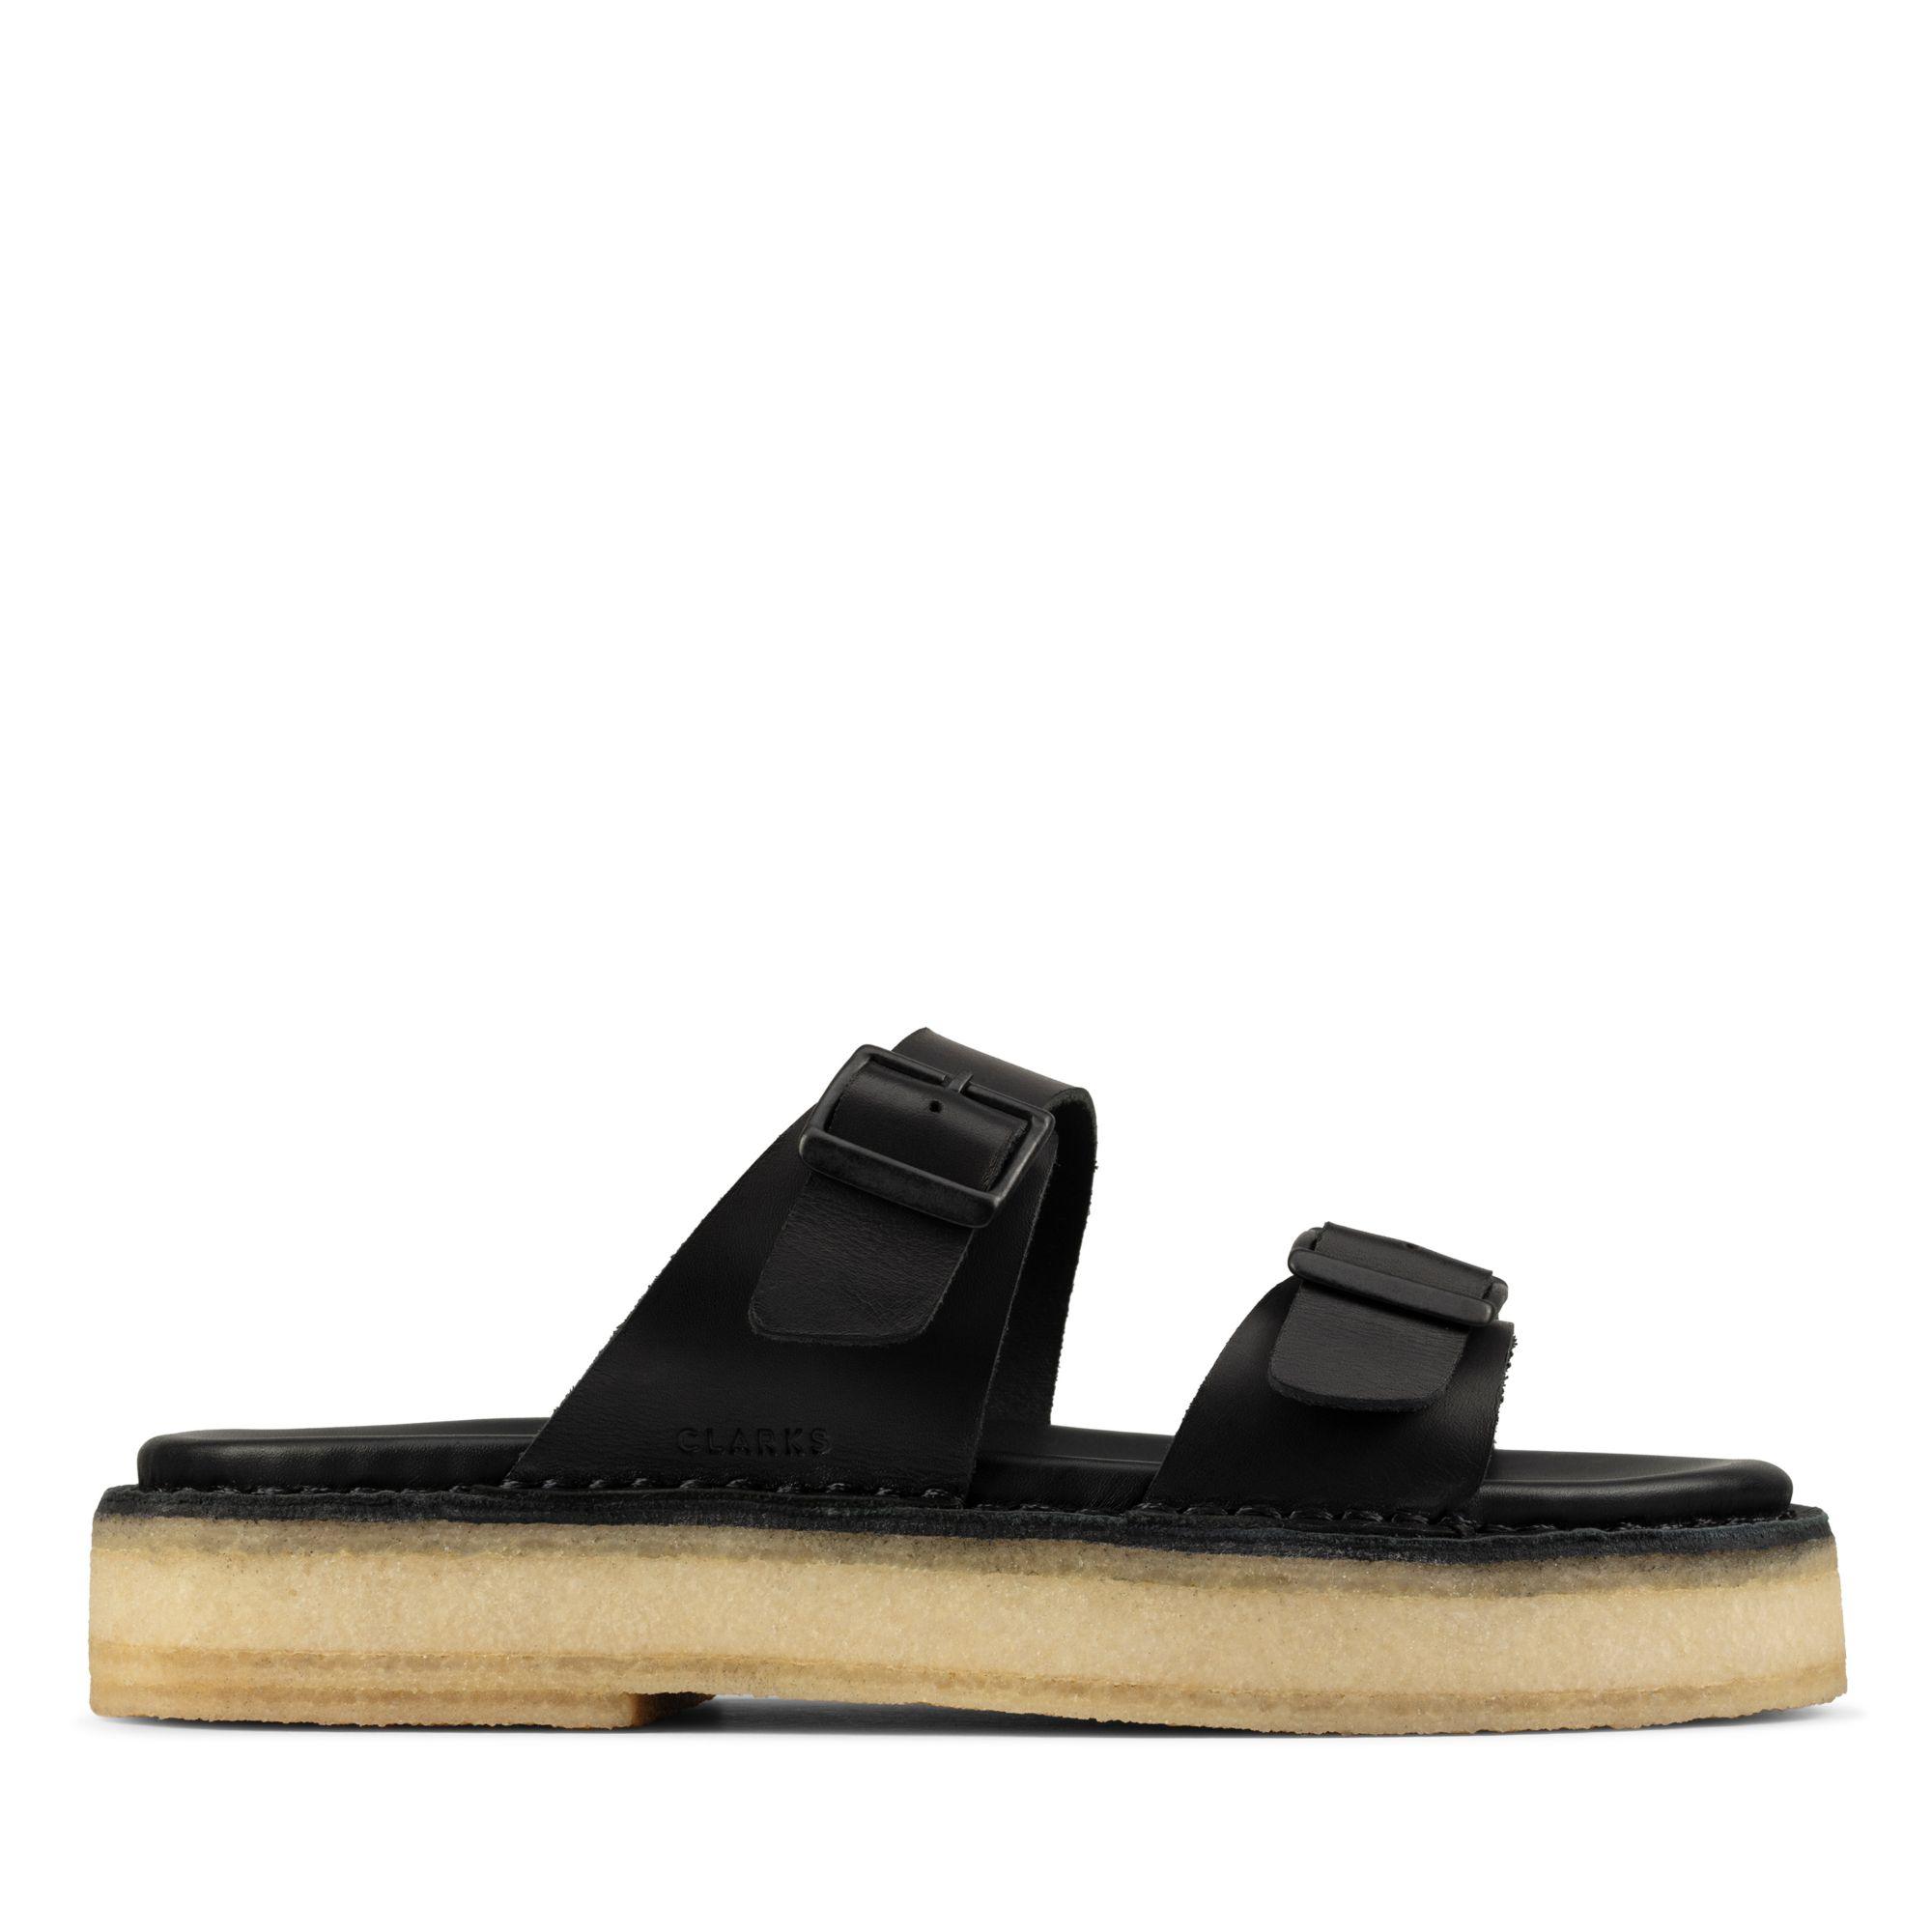 Clarks Desert Sndl – Leather